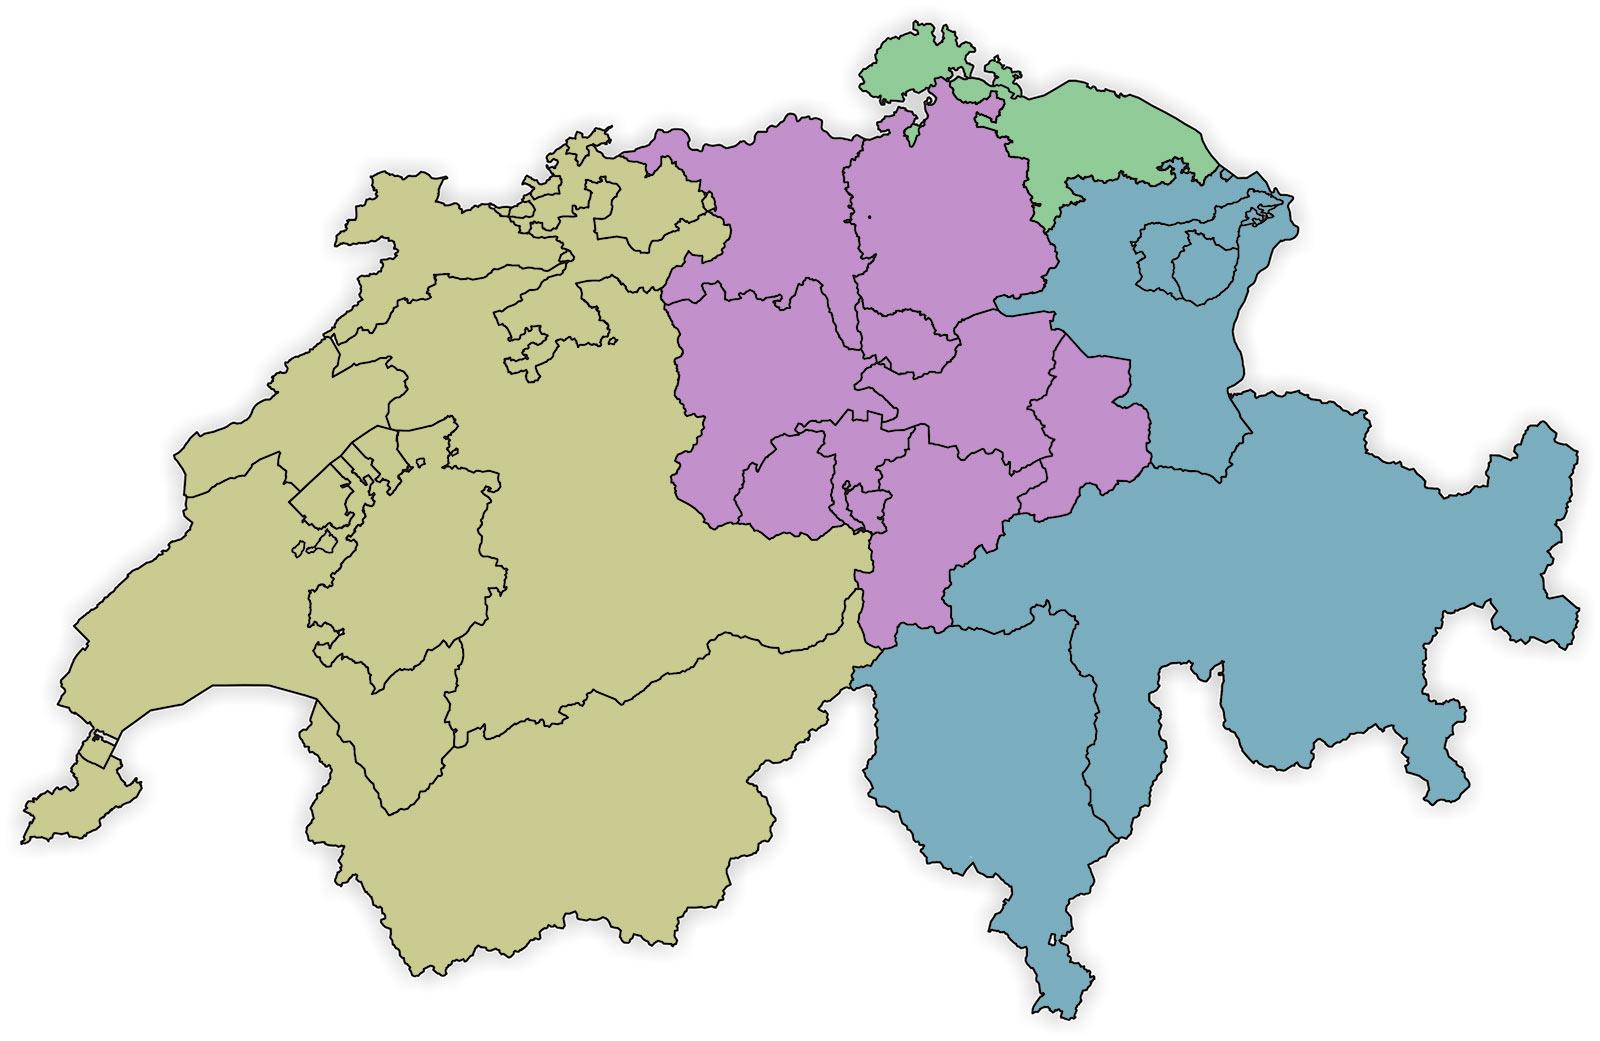 karte mit foto Karte Aussendienst – Gasserenergy karte mit foto